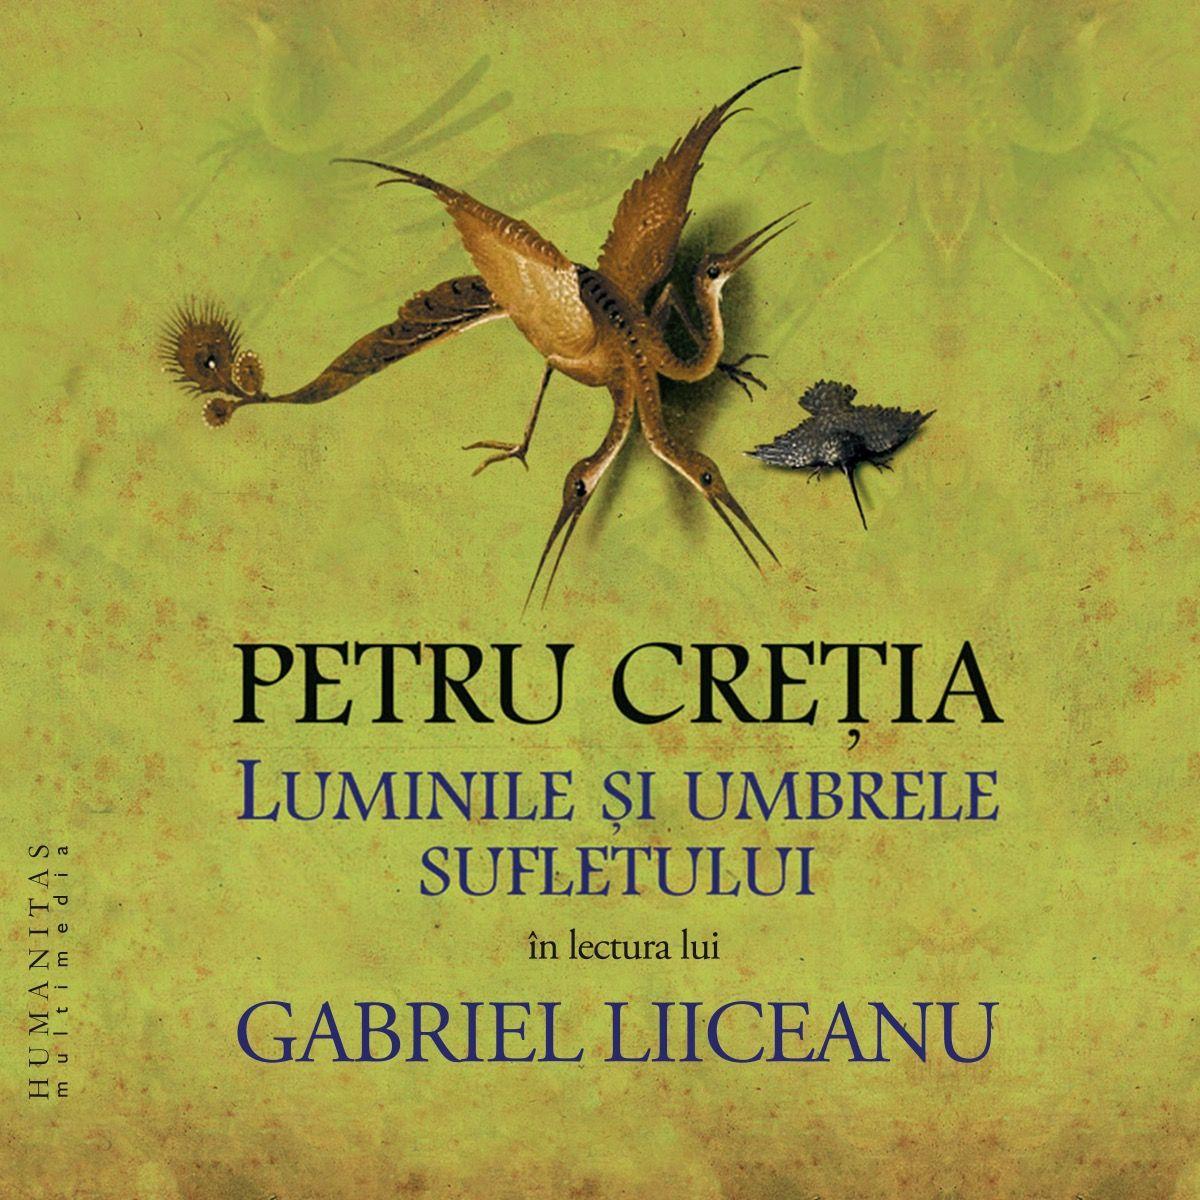 Audiobook. Luminile si umbrele sufletului de Petru Cretia